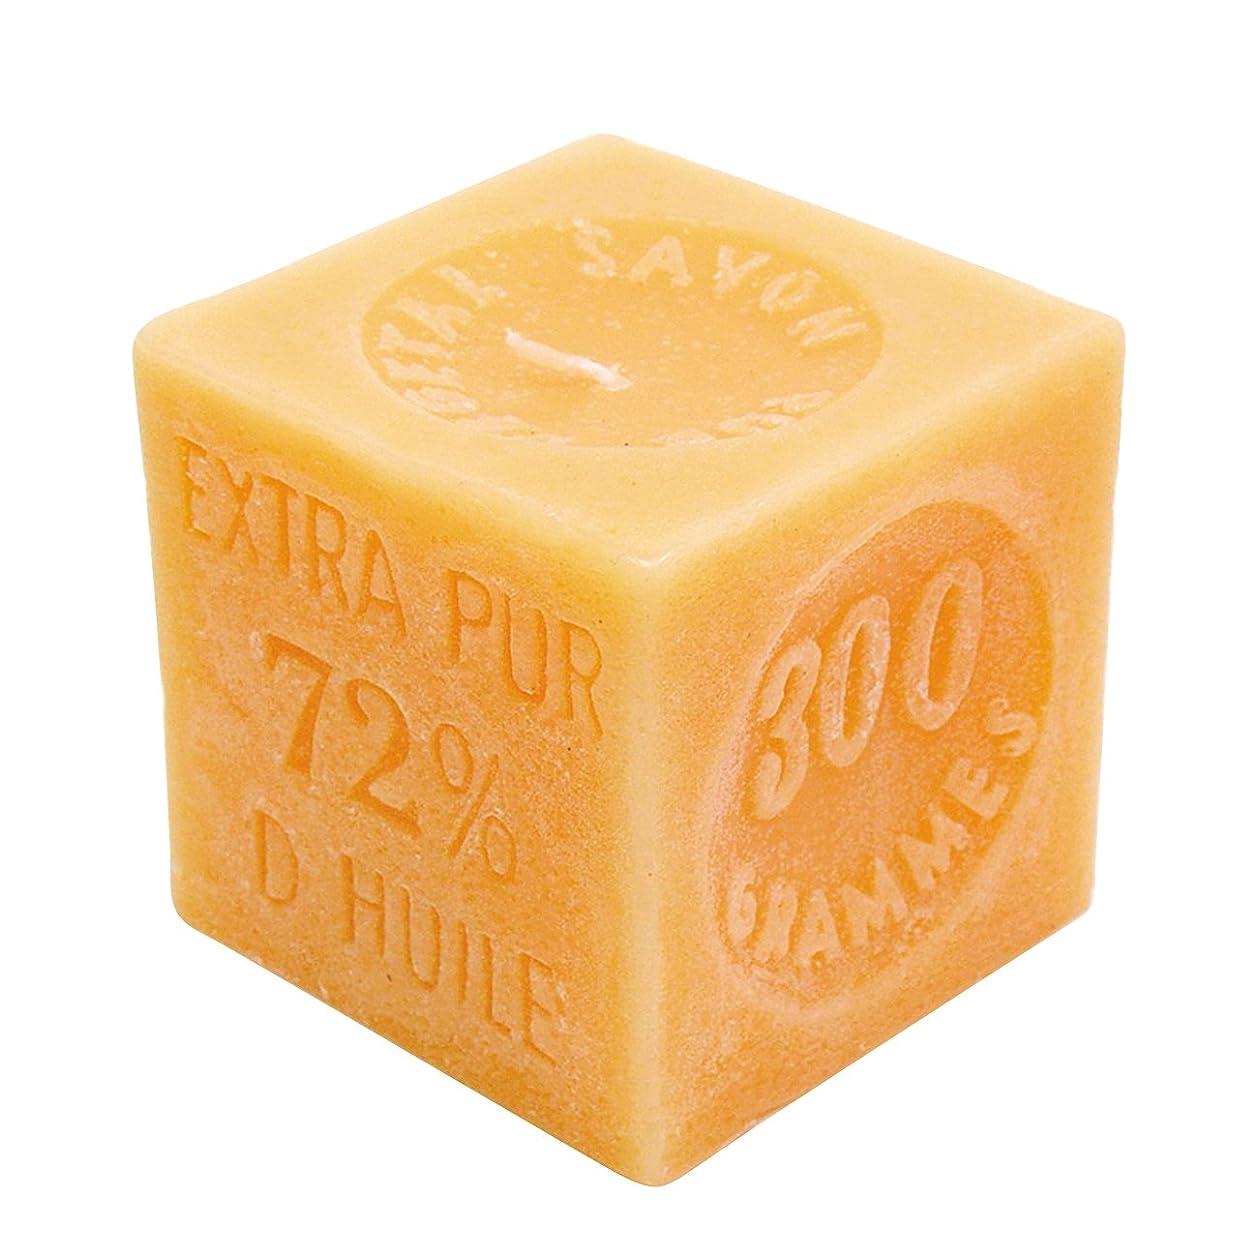 バター批判的にシャープマルセイユソープキャンドル フローラル&フルーティ 285g(ろうそく 燃焼時間約30時間)